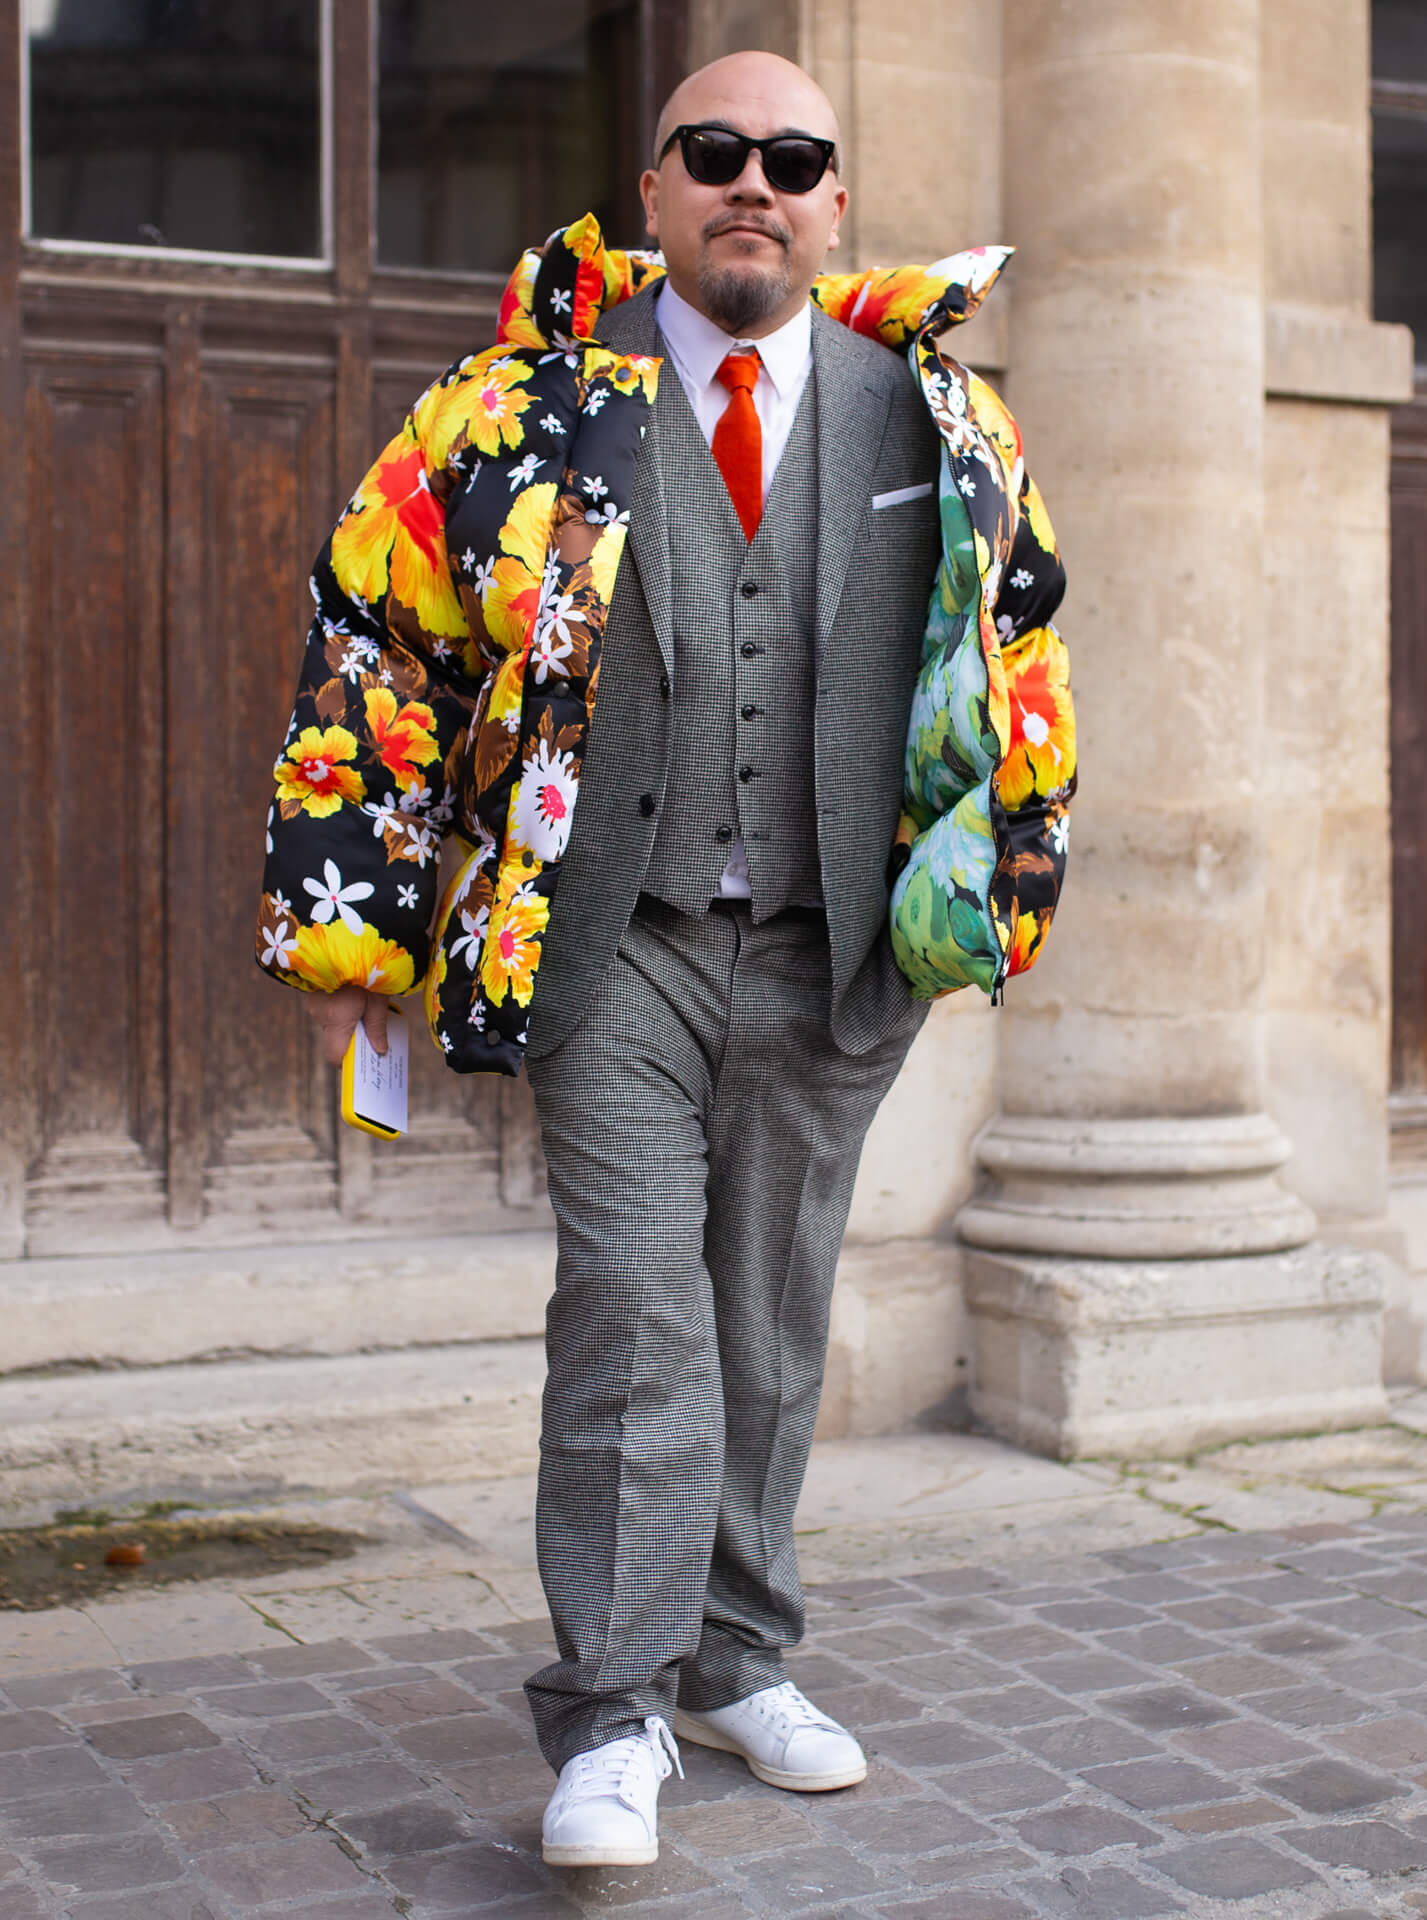 Steppjacke Männer Streetstyle Shoe Fashion